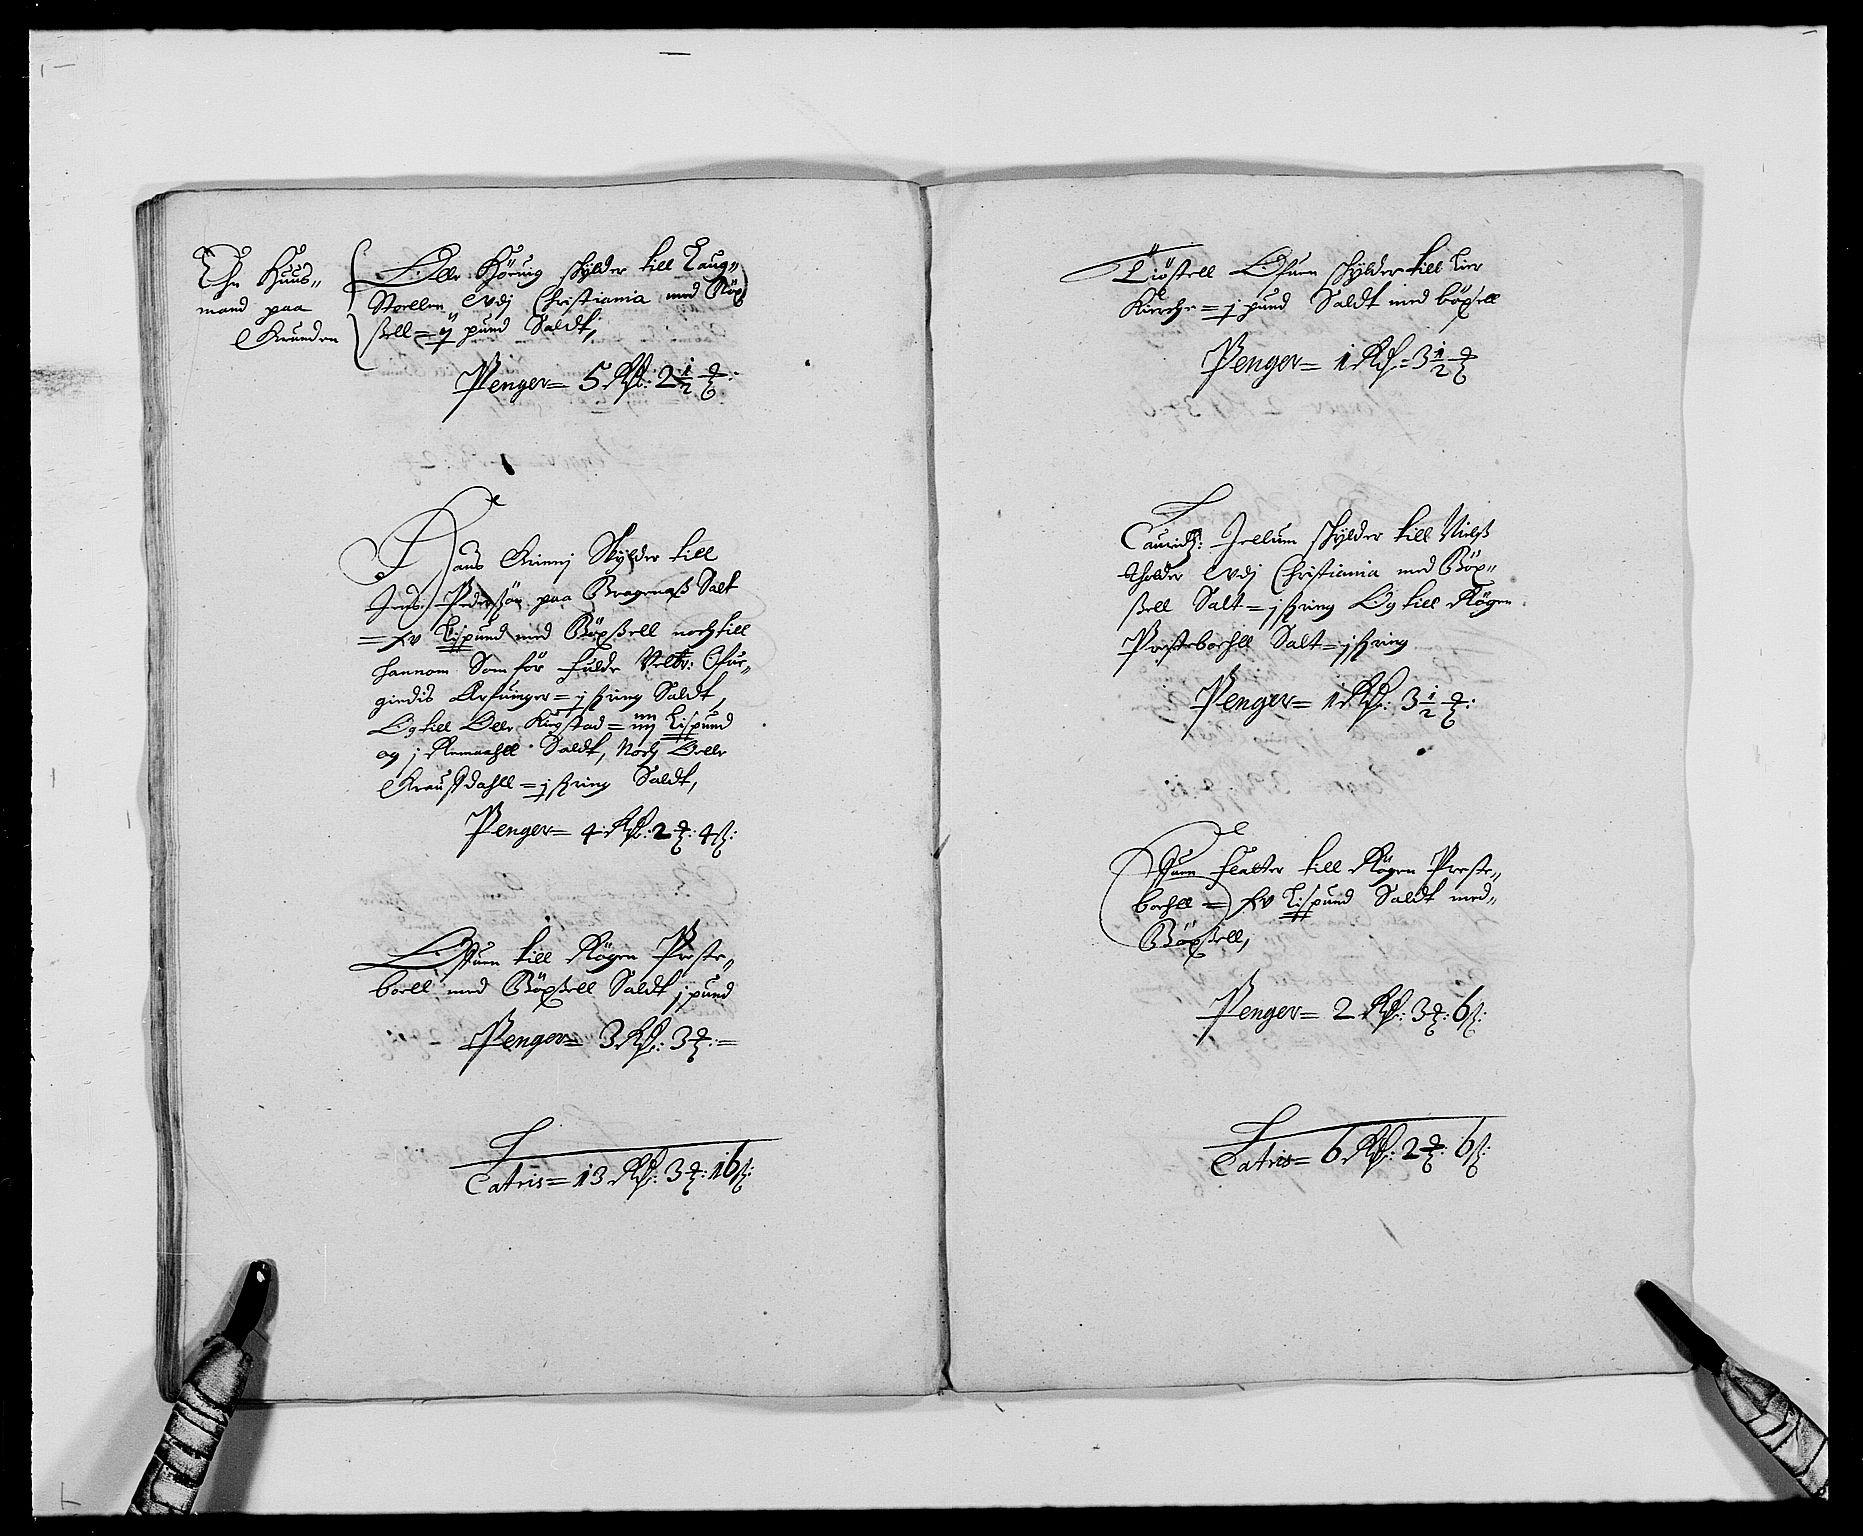 RA, Rentekammeret inntil 1814, Reviderte regnskaper, Fogderegnskap, R29/L1691: Fogderegnskap Hurum og Røyken, 1678-1681, s. 375